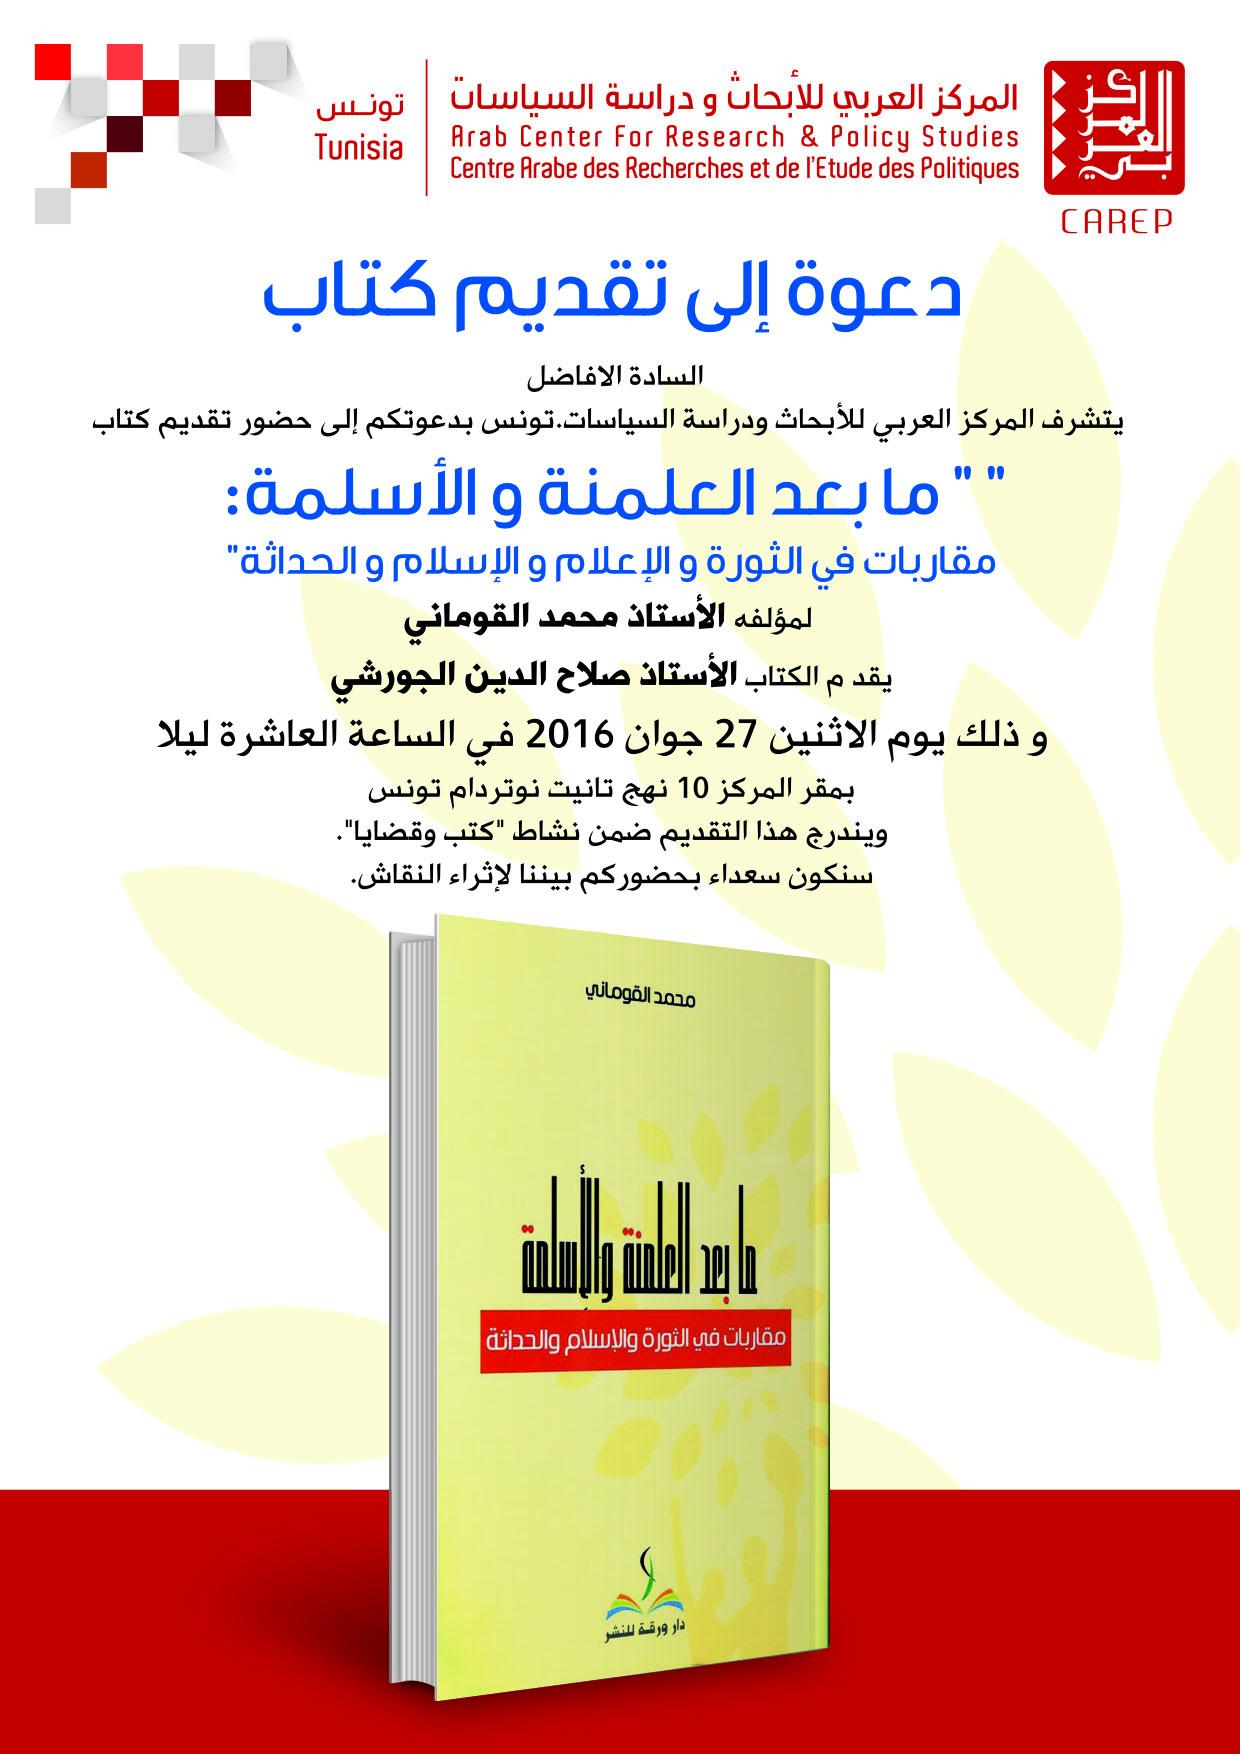 """تقديم كتاب """"ما بعد العلمنة والأسلمة"""" بالمركز العربي للأبحاث ودراسة السياسات- تونس."""